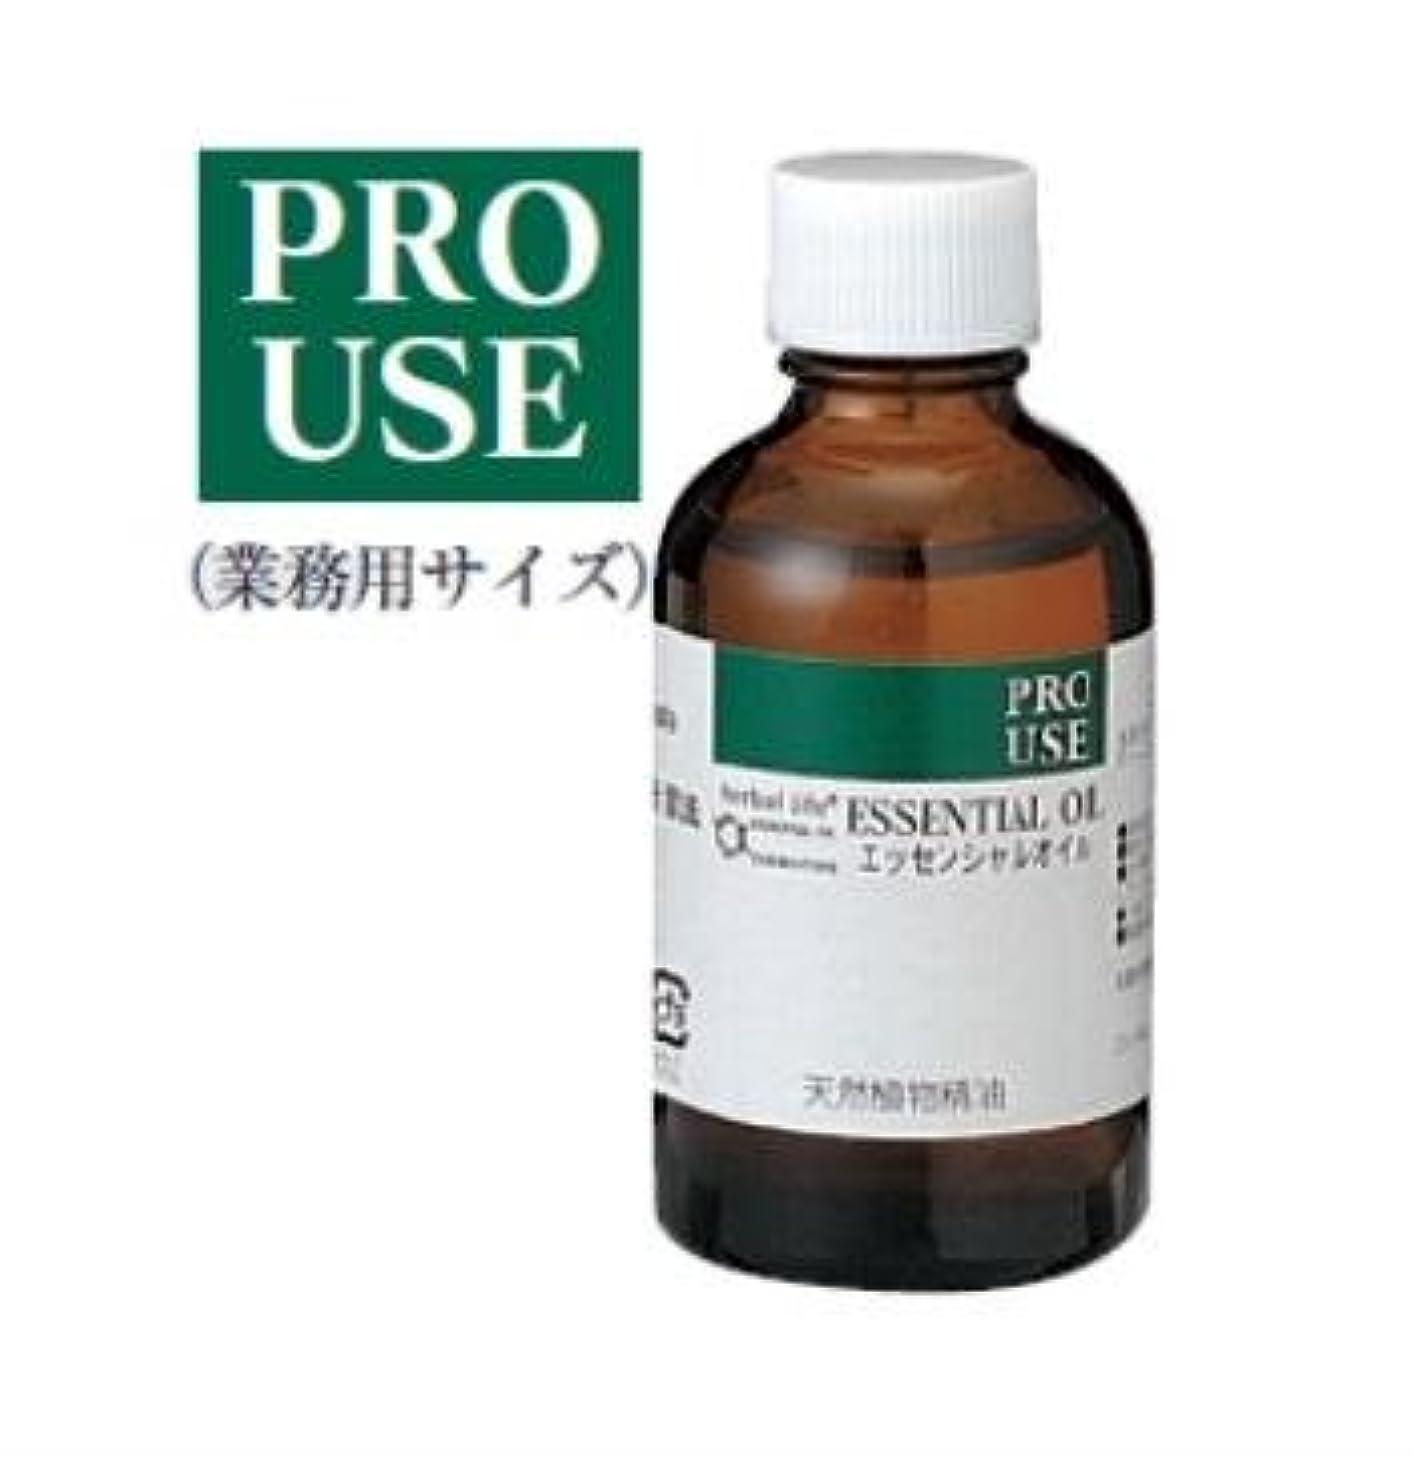 公式リルちらつき生活の木 エッセンシャルオイル ゼラニウム 精油 50ml アロマオイル アロマ